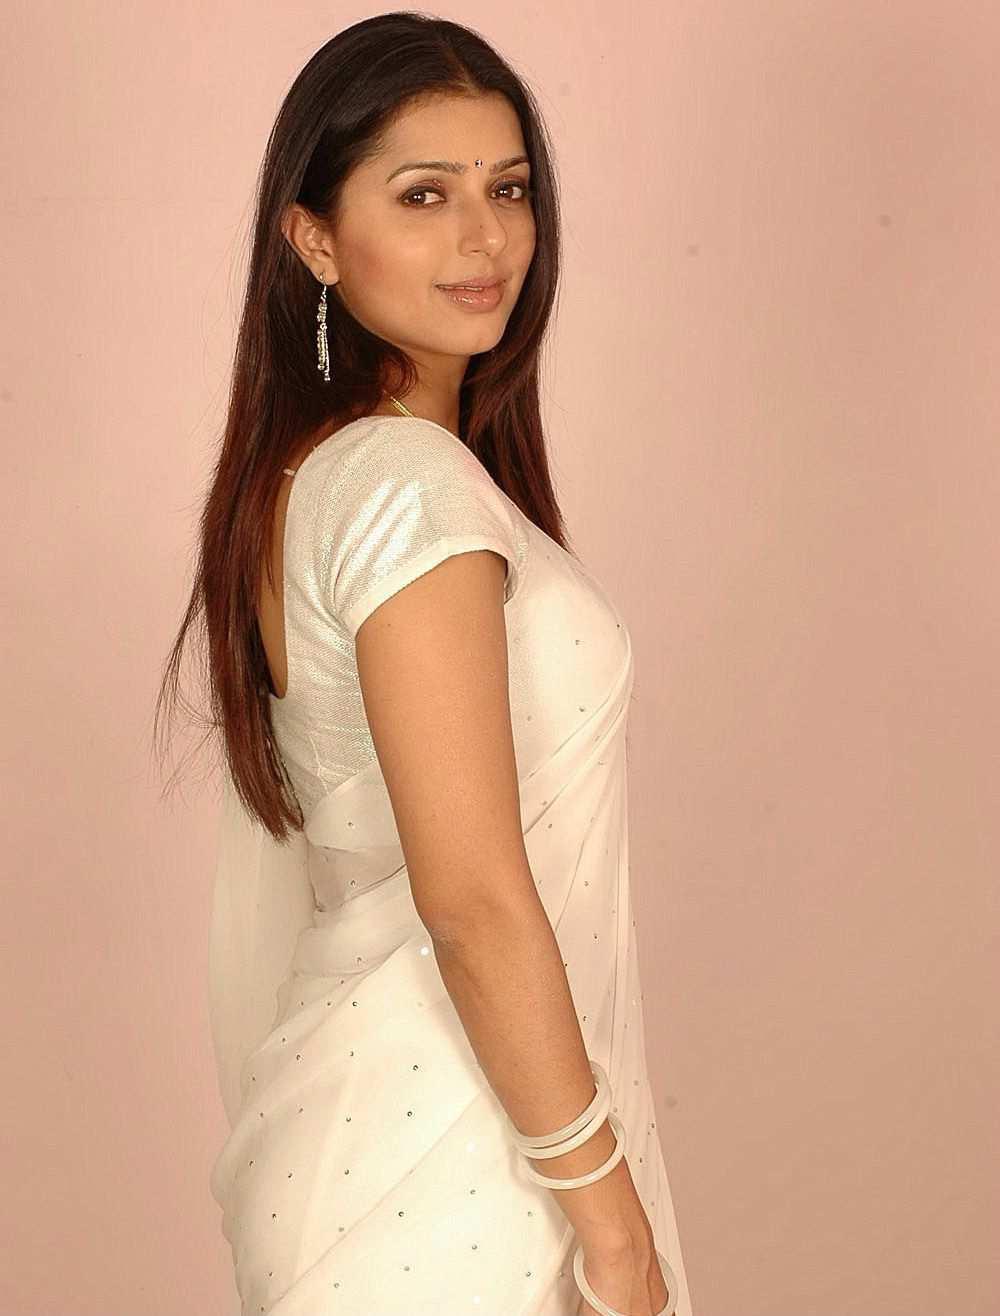 Entertaining actress bhumika chawla hot